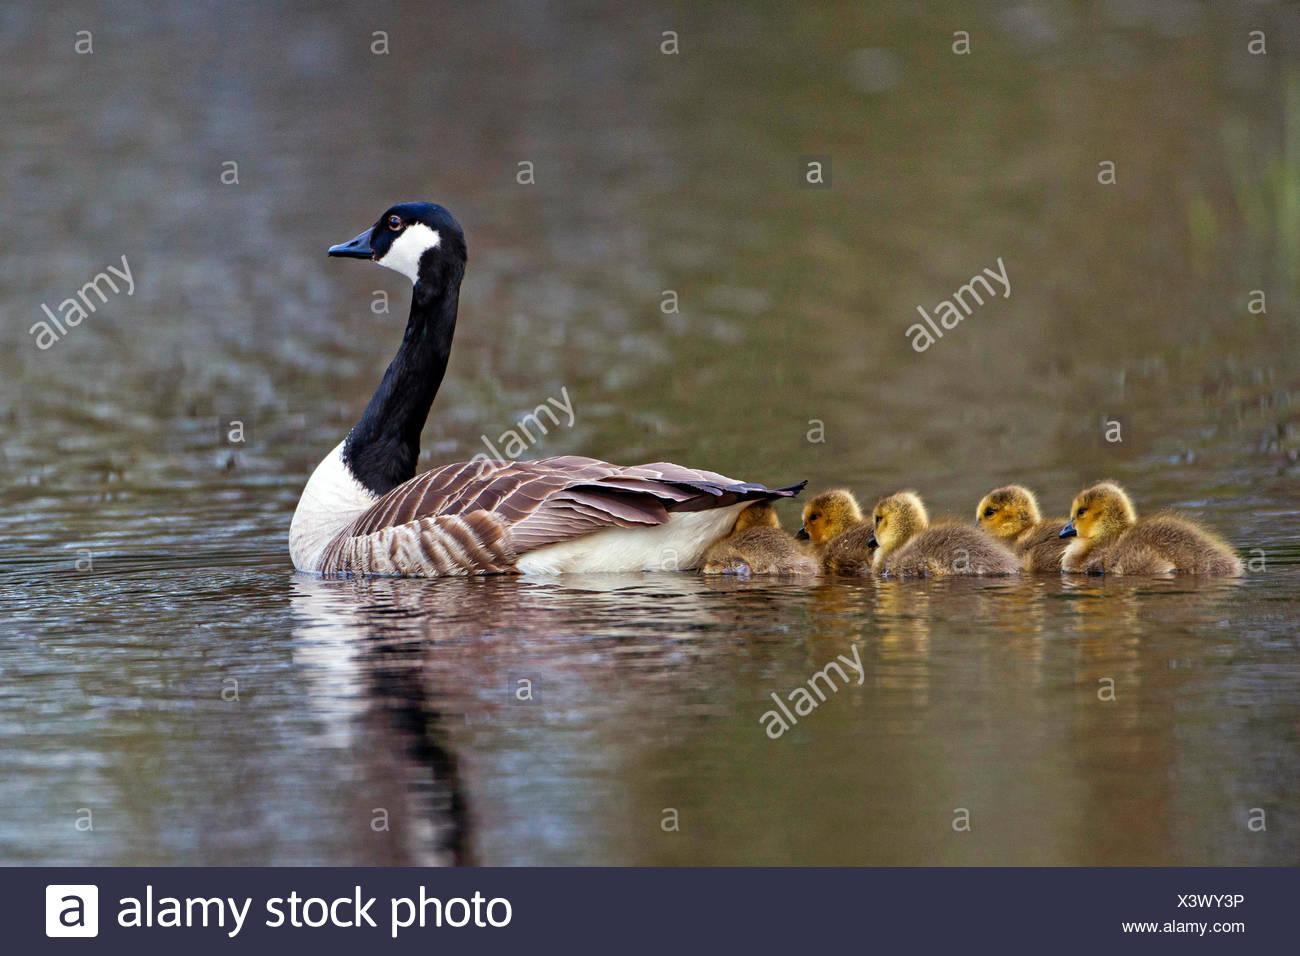 canada goose in sweden